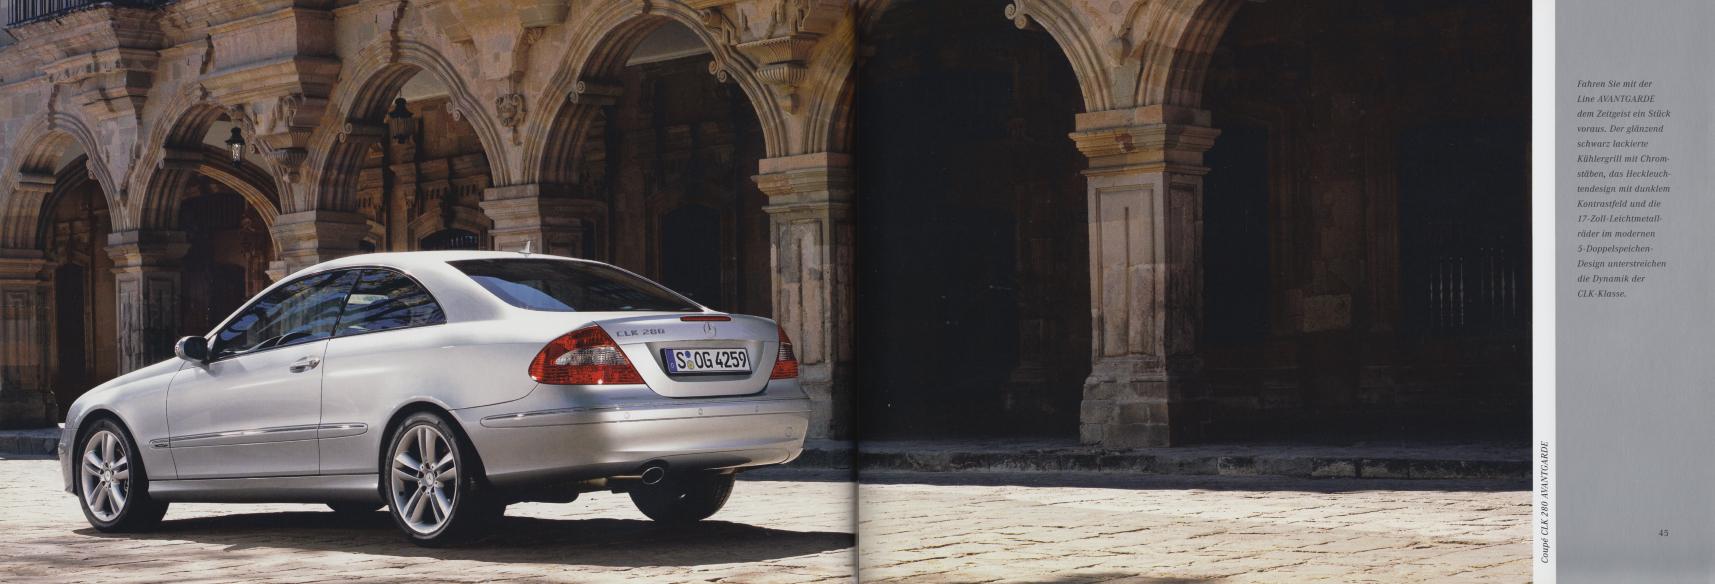 (A/C209): Catálogo 2007 - alemão 023